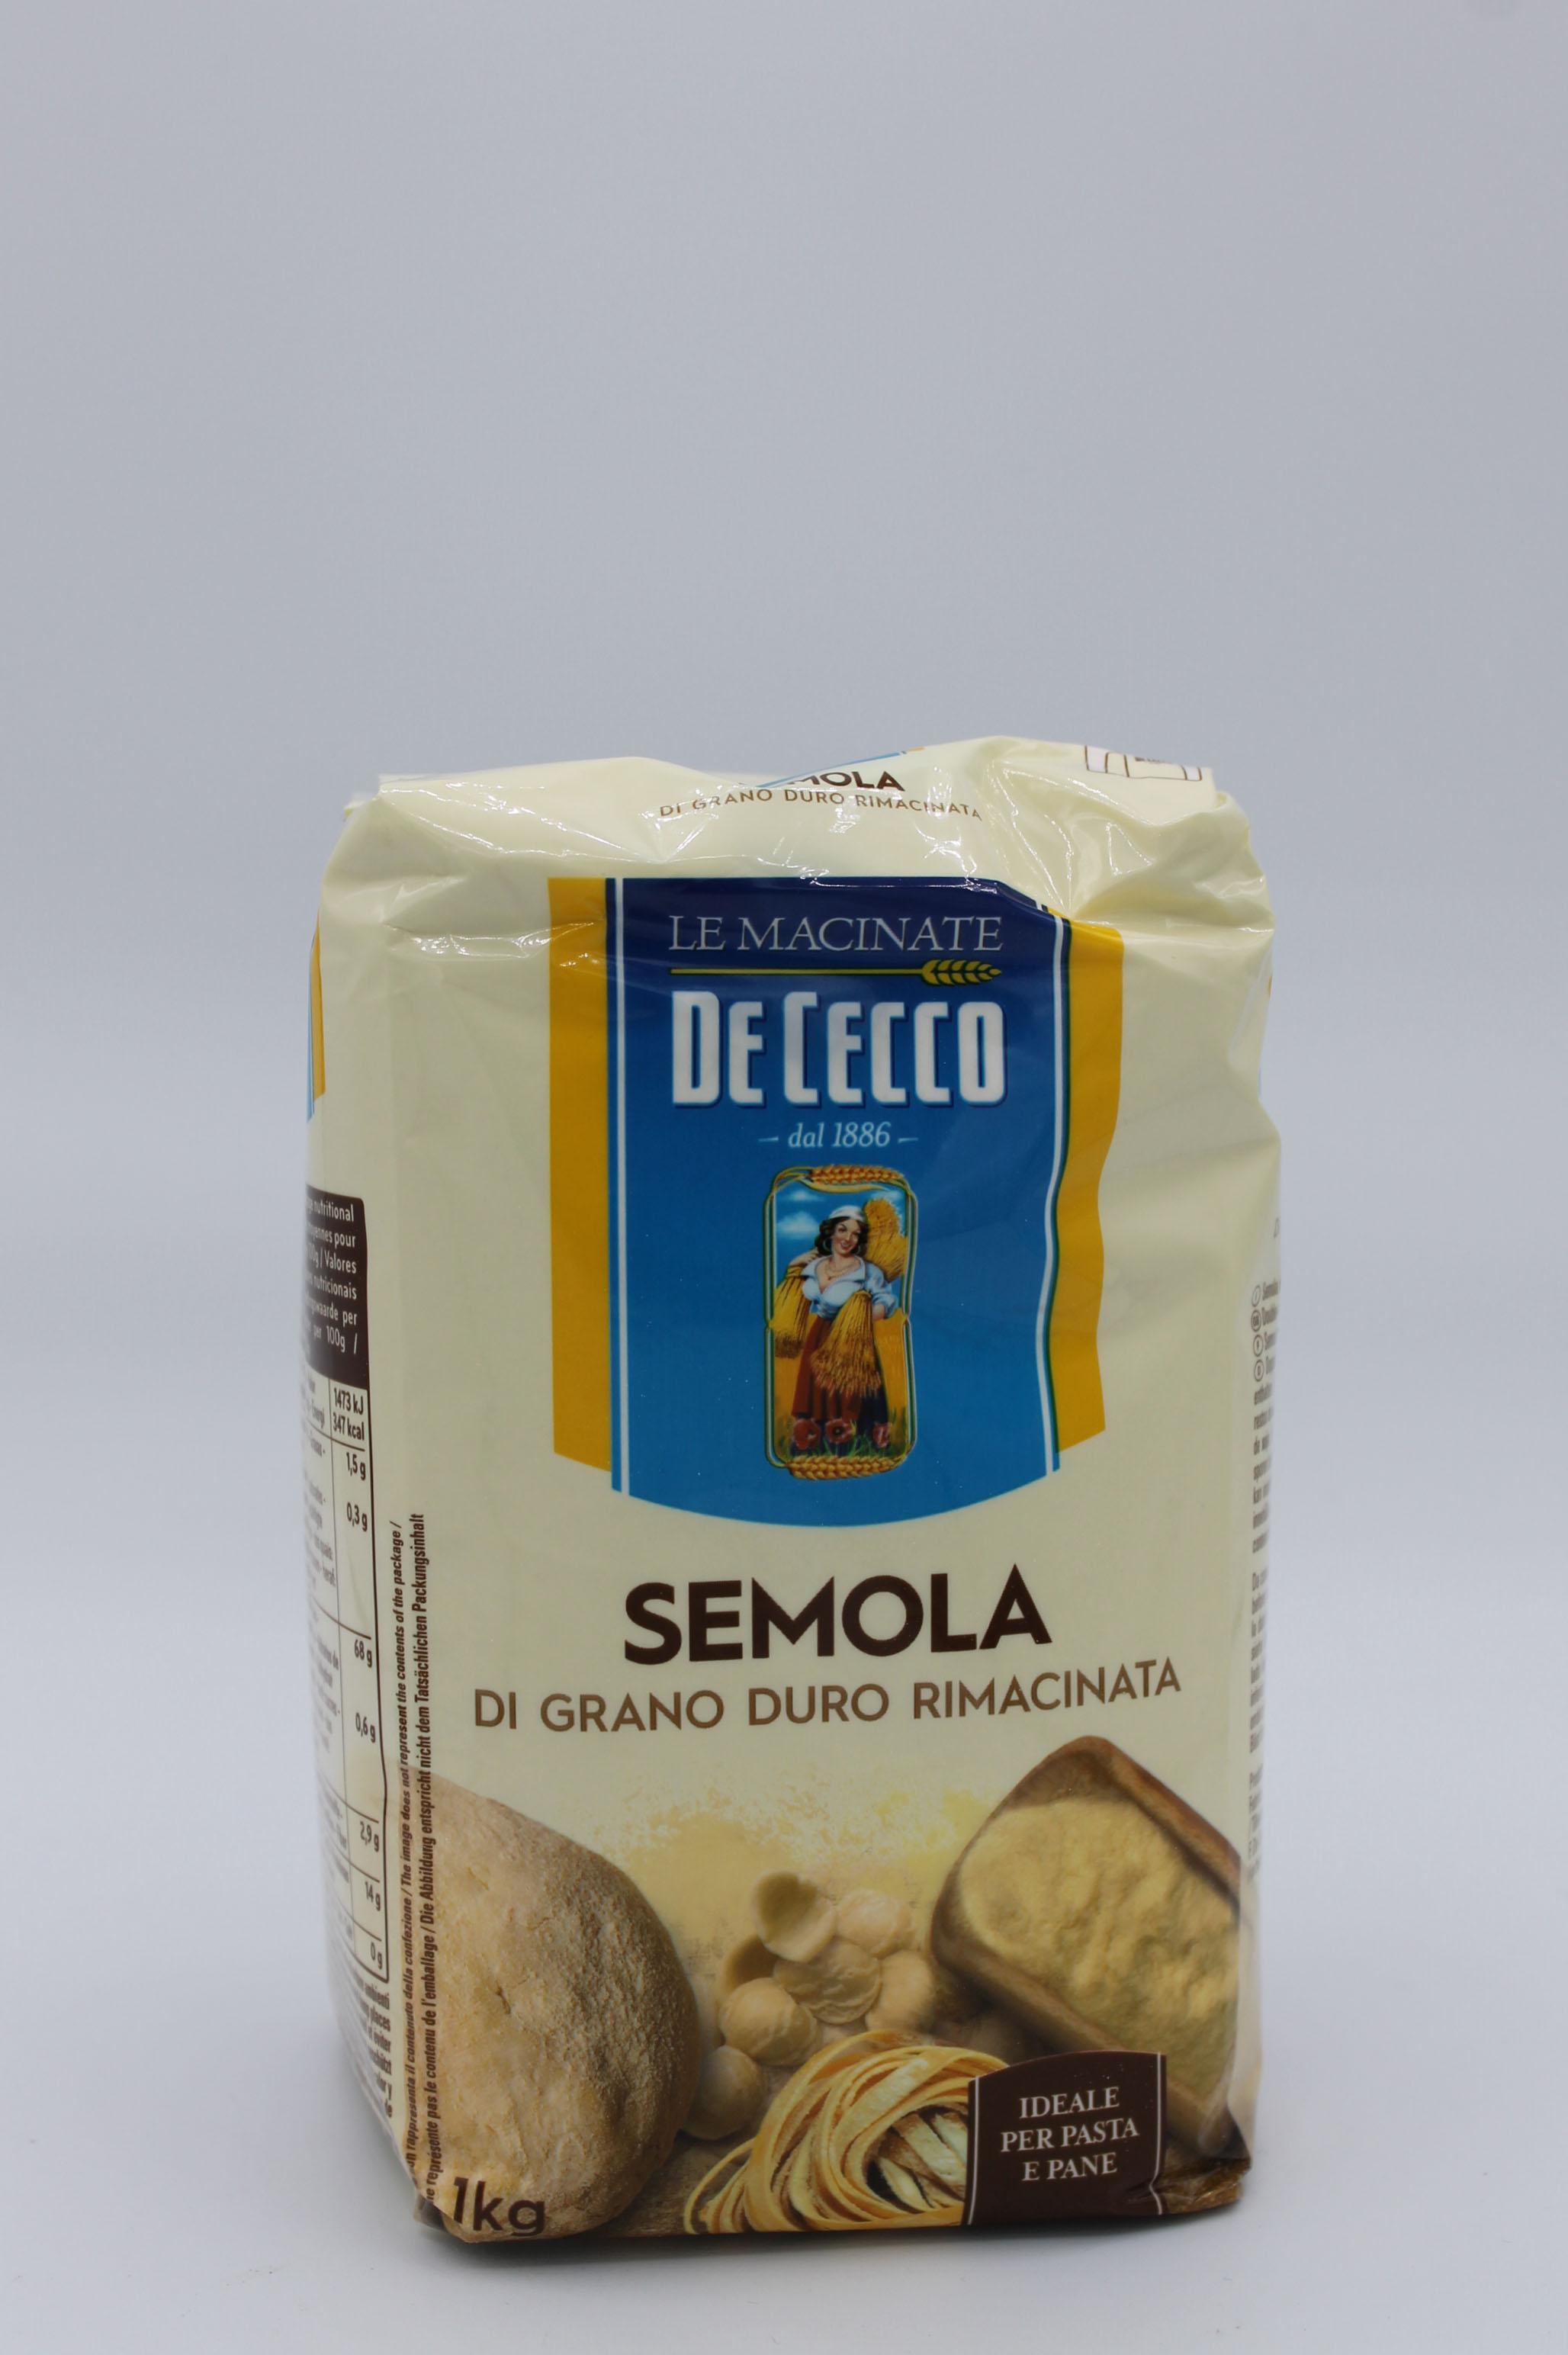 De Cecco farina semola di grano duro 1kg.